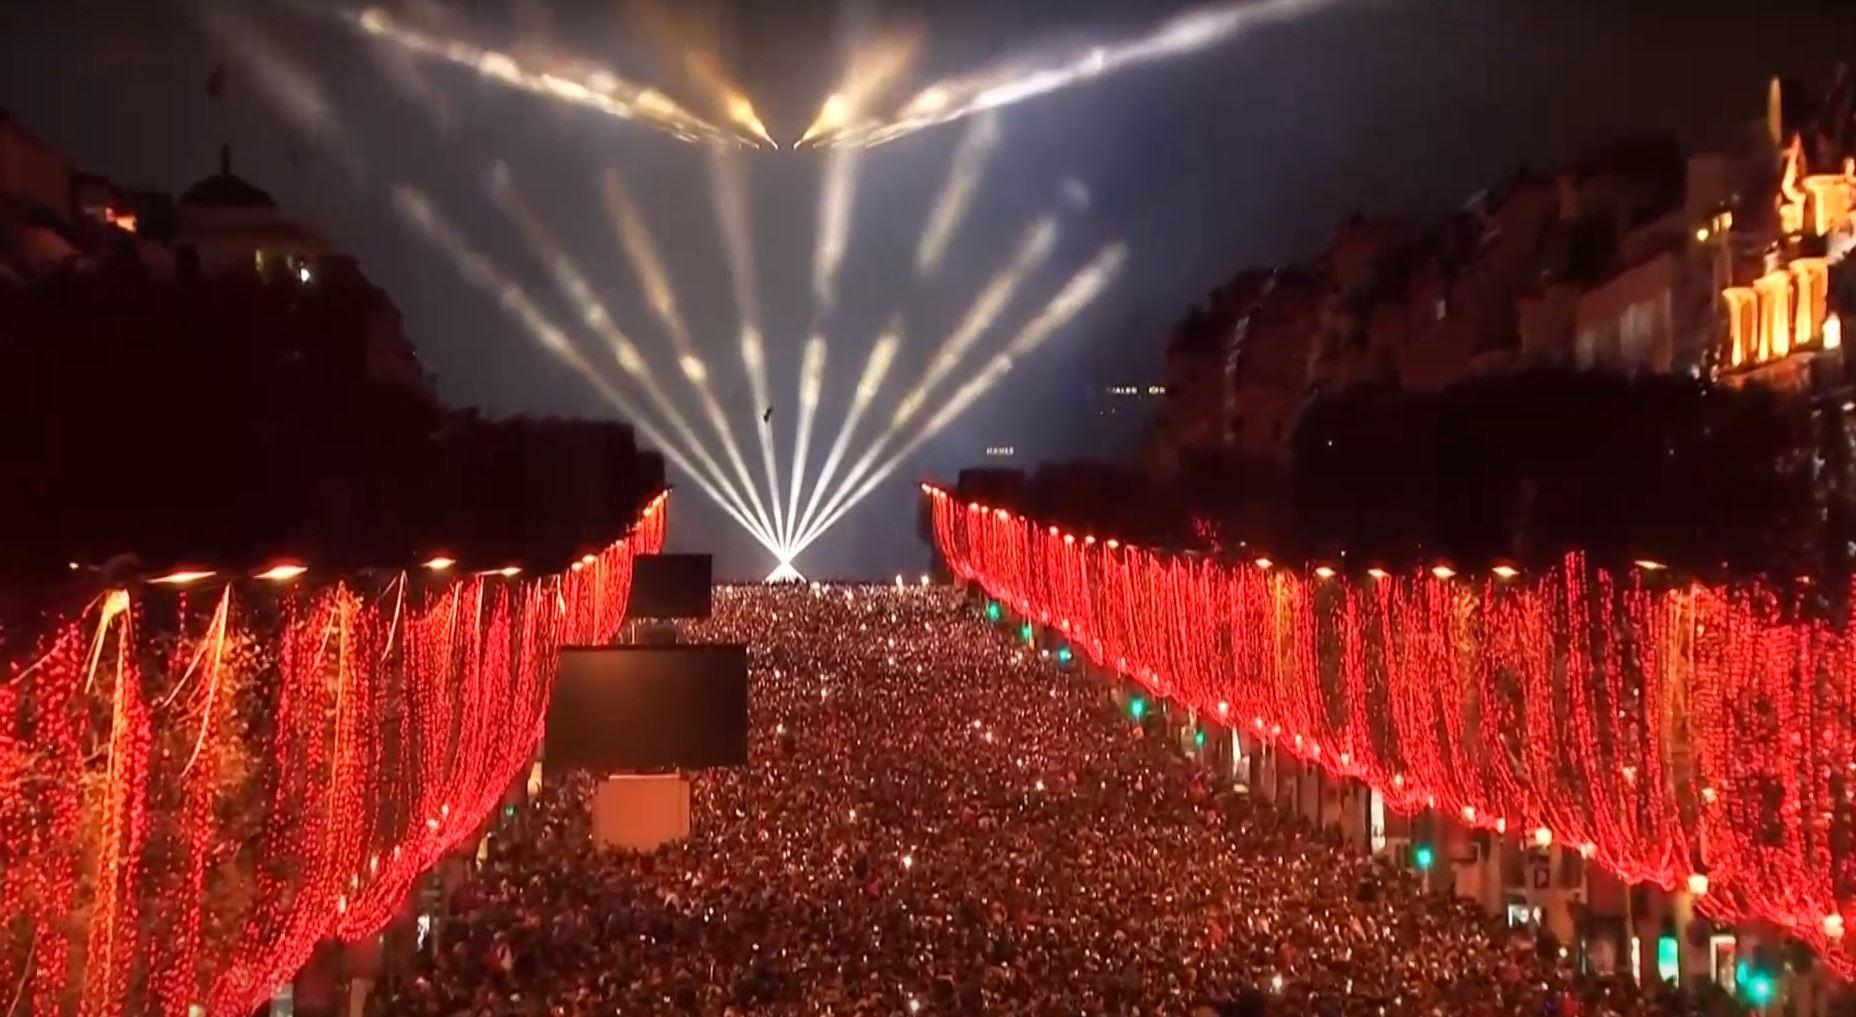 Juegos de luces en los Champs-Élysées, en París